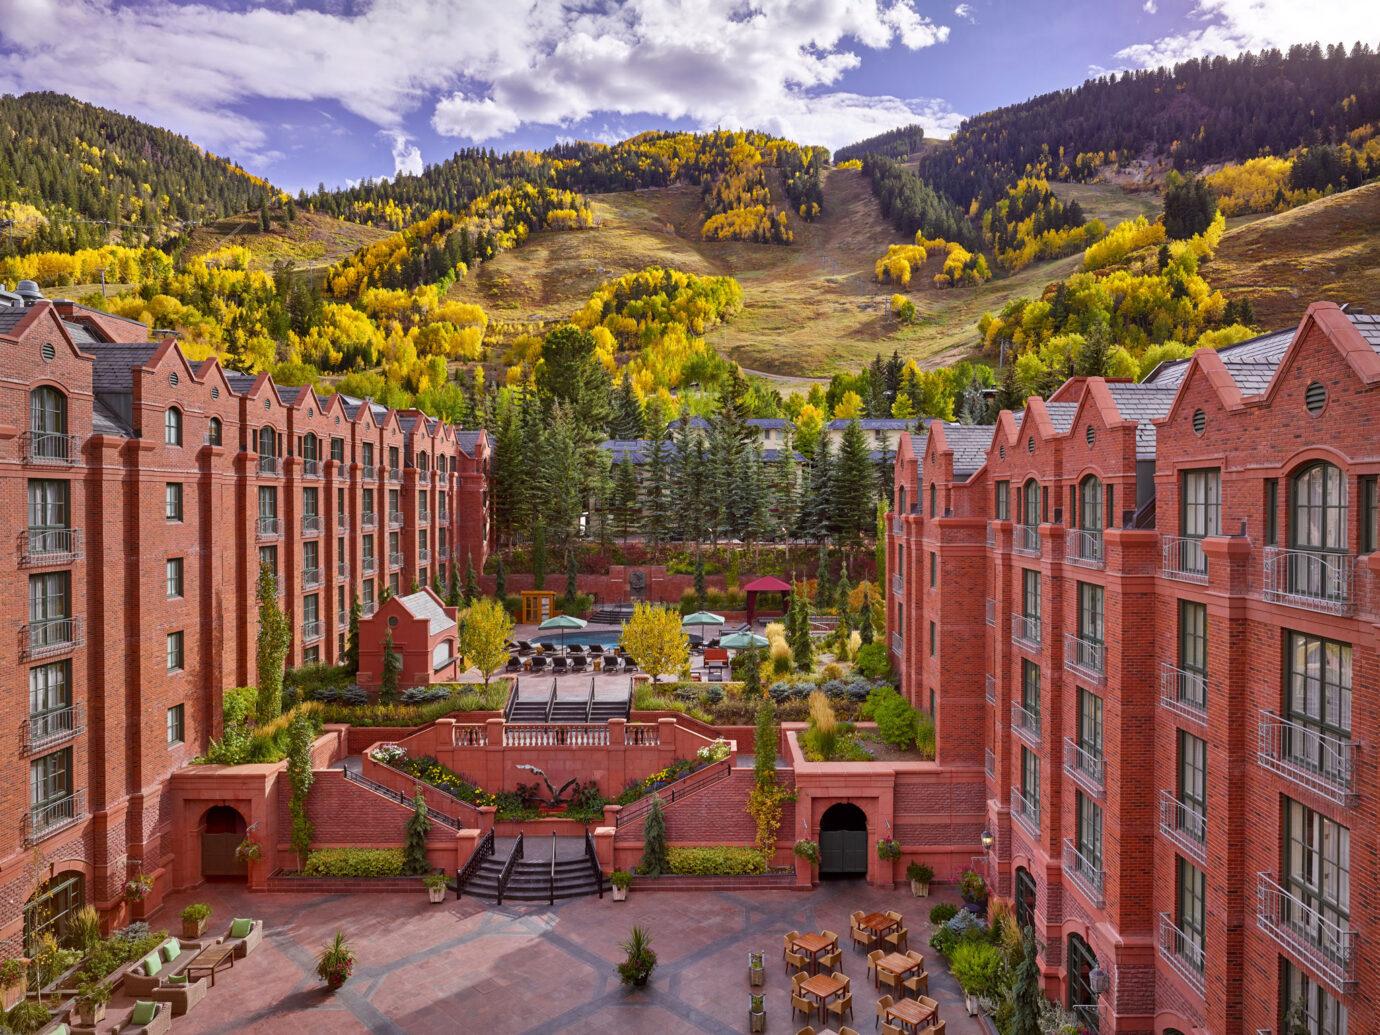 exterior of The St. Regis Aspen Resort in autumn